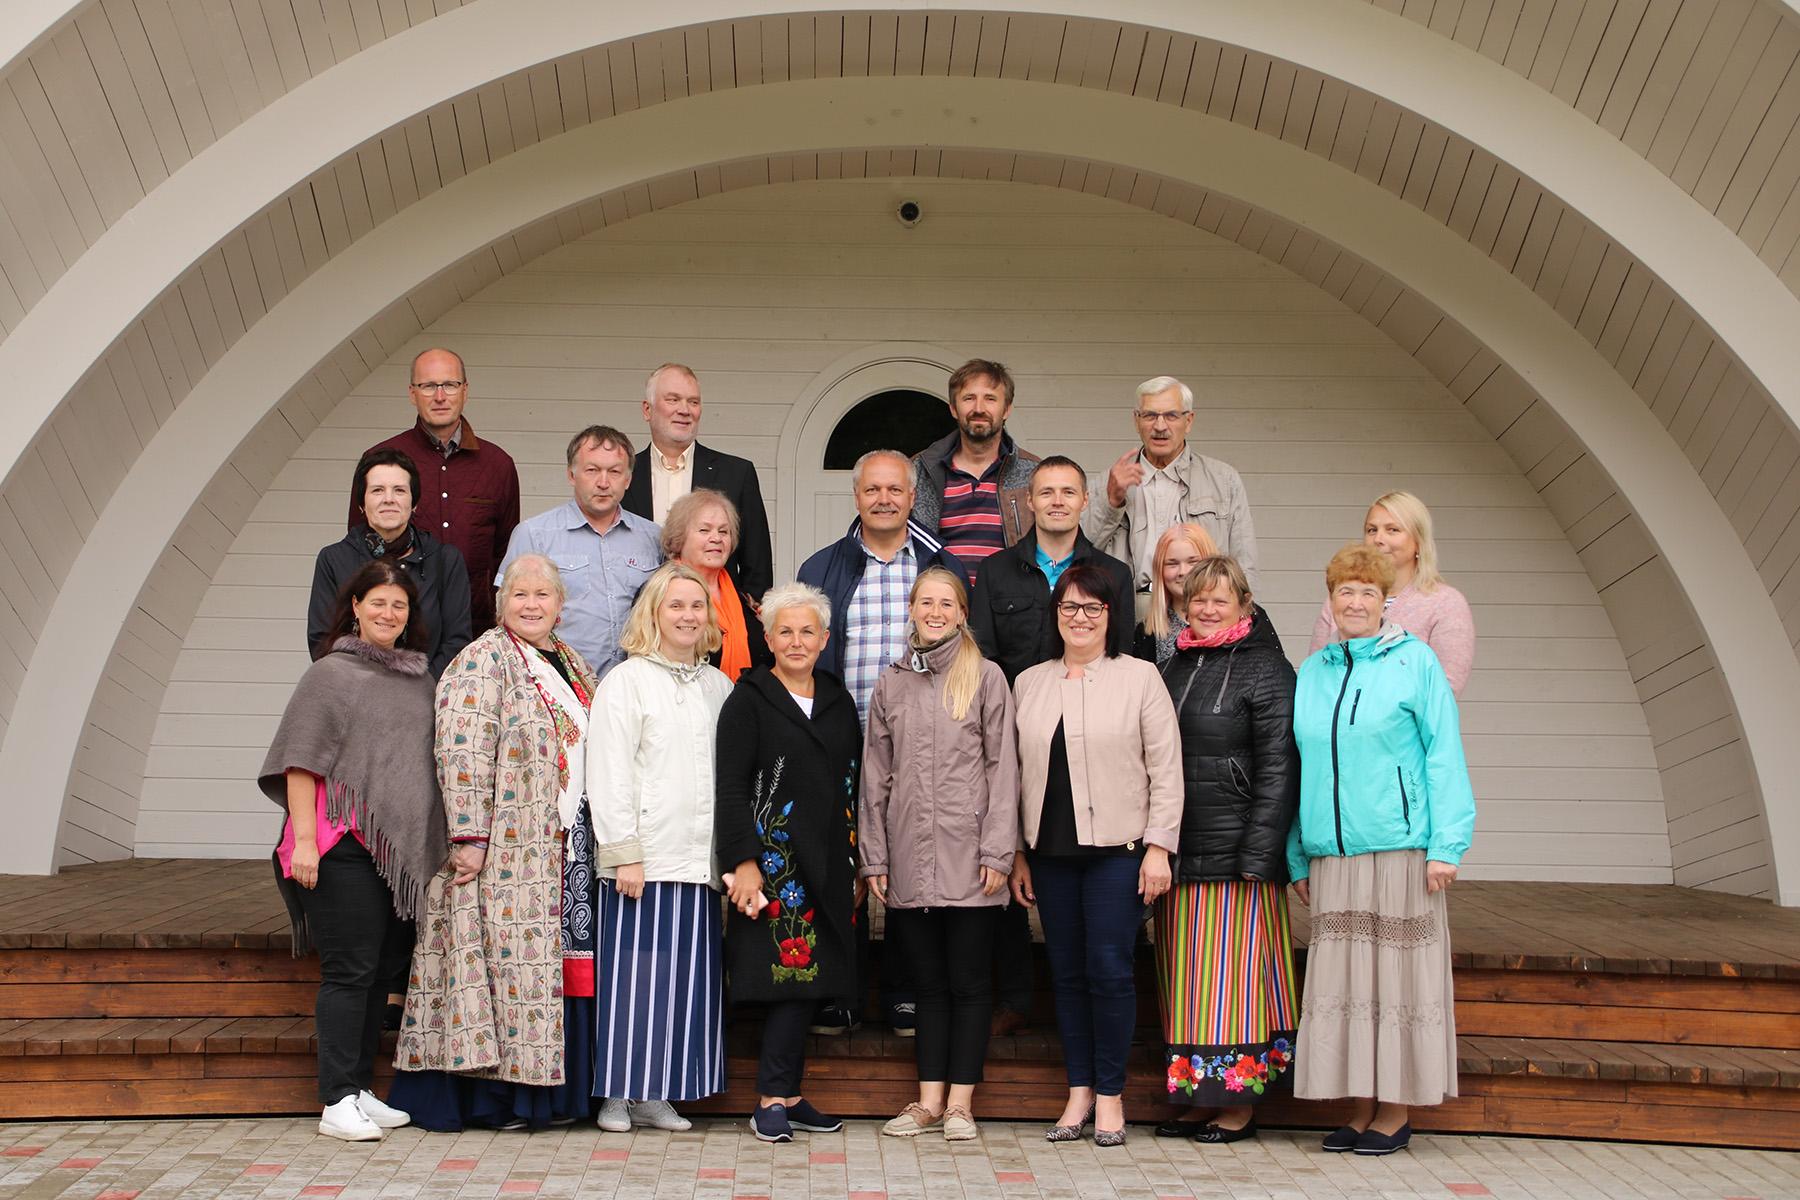 aeb8017b588 Hindamiskomisjoni liikmed ja kogukonnaelu edendajad Sadala kõlakoja all.  Foto Marge Tasur